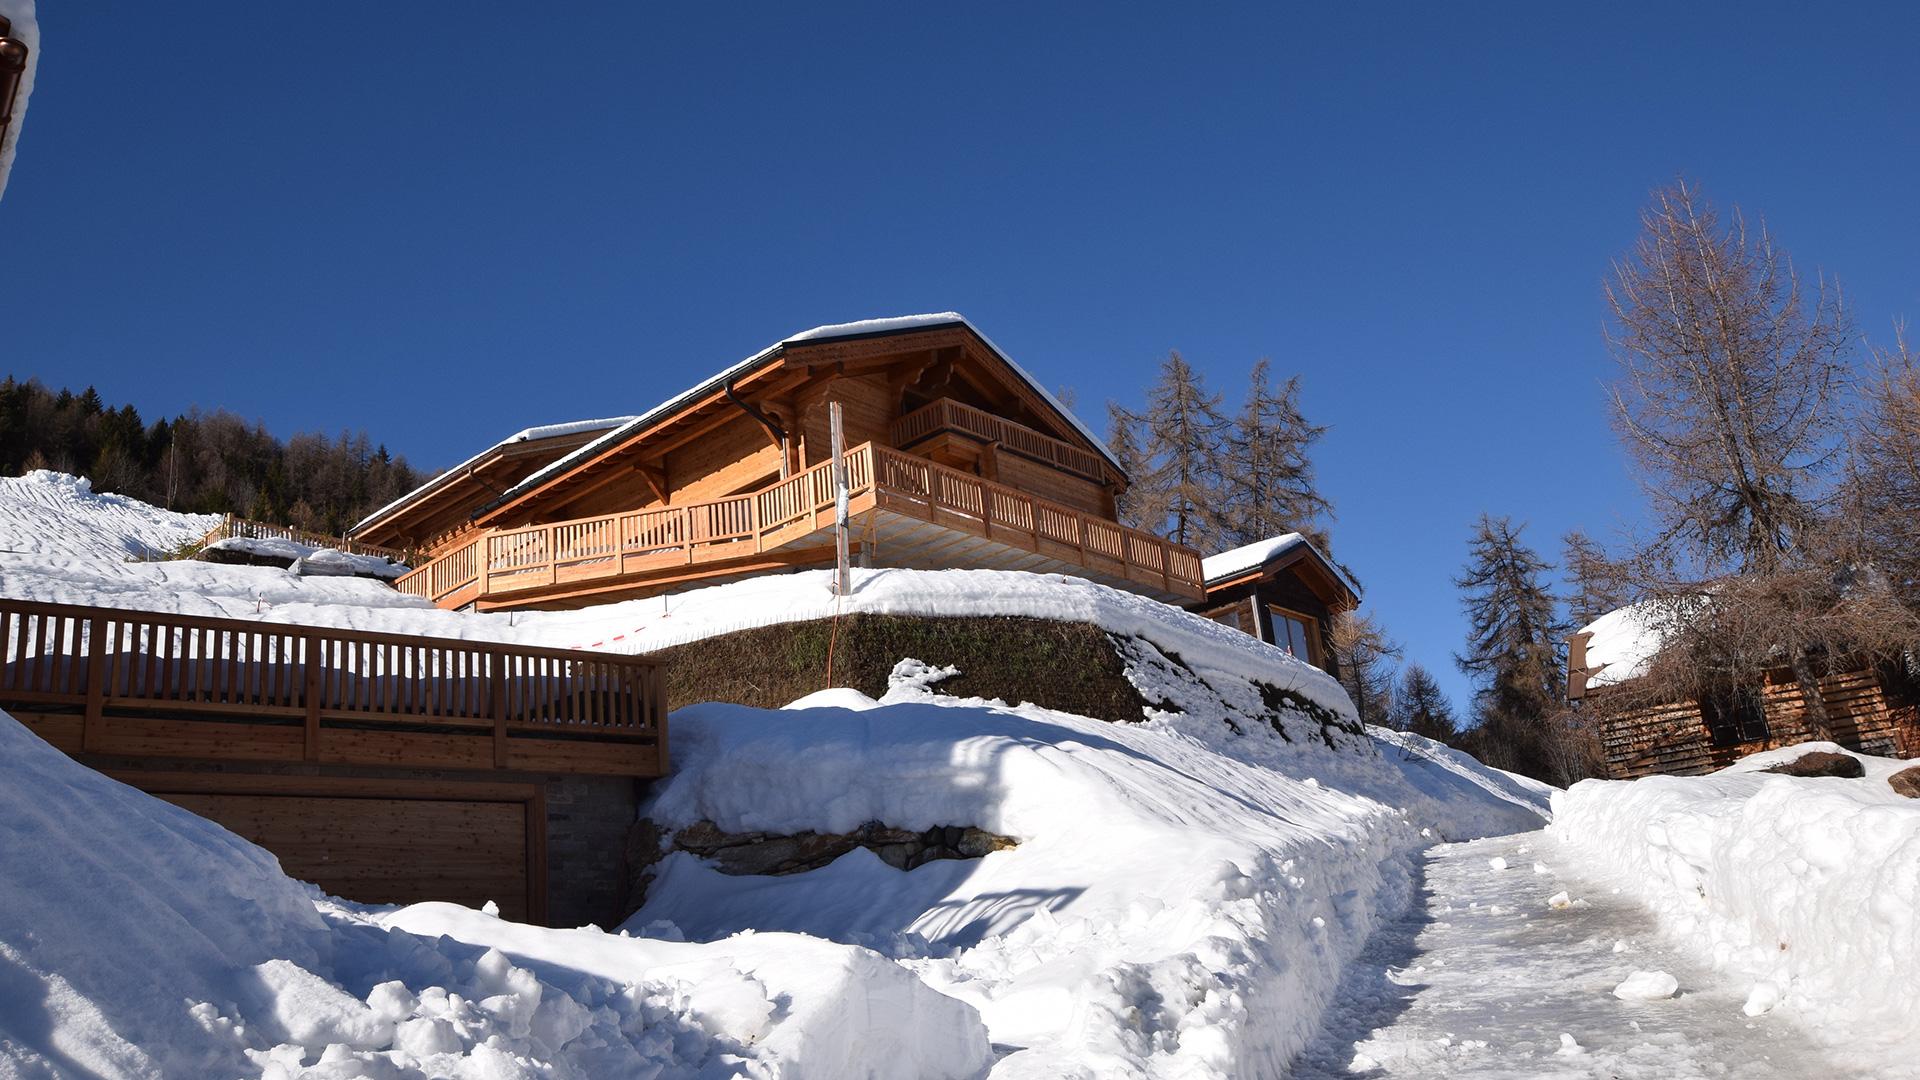 Chalet Tamia Chalet, Switzerland